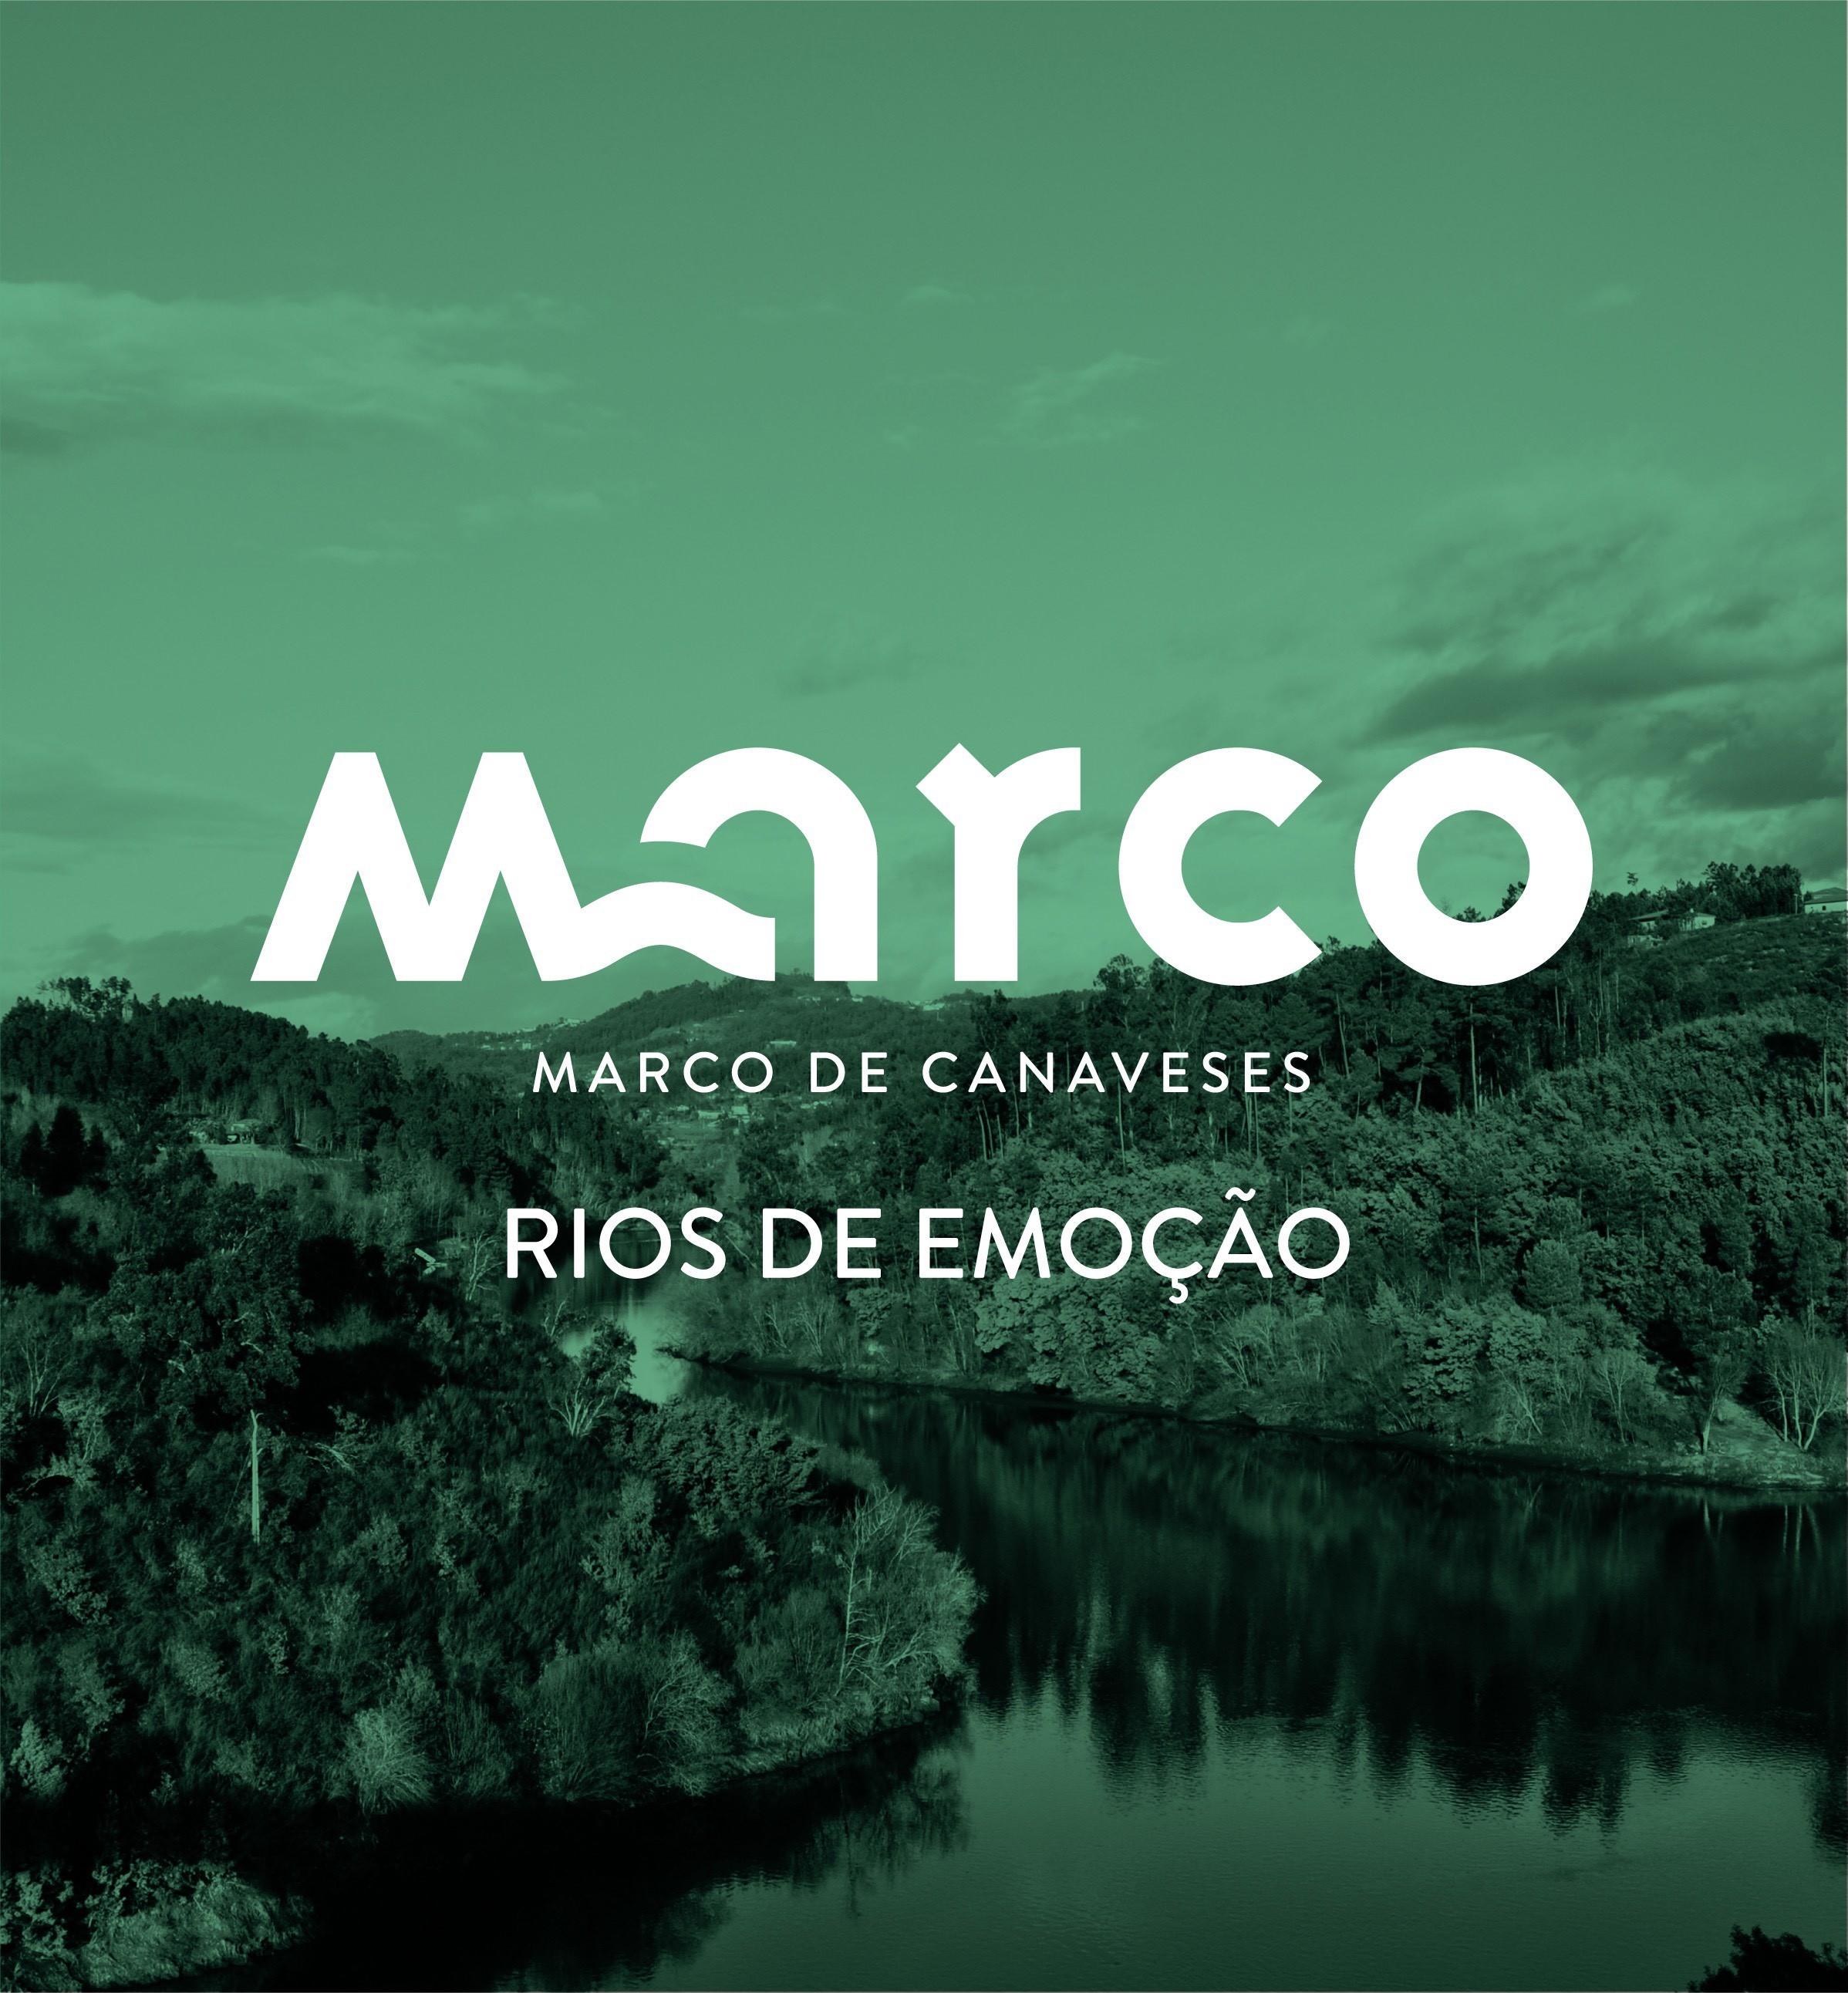 Município apresenta Nova Marca - Município de Marco de Canaveses